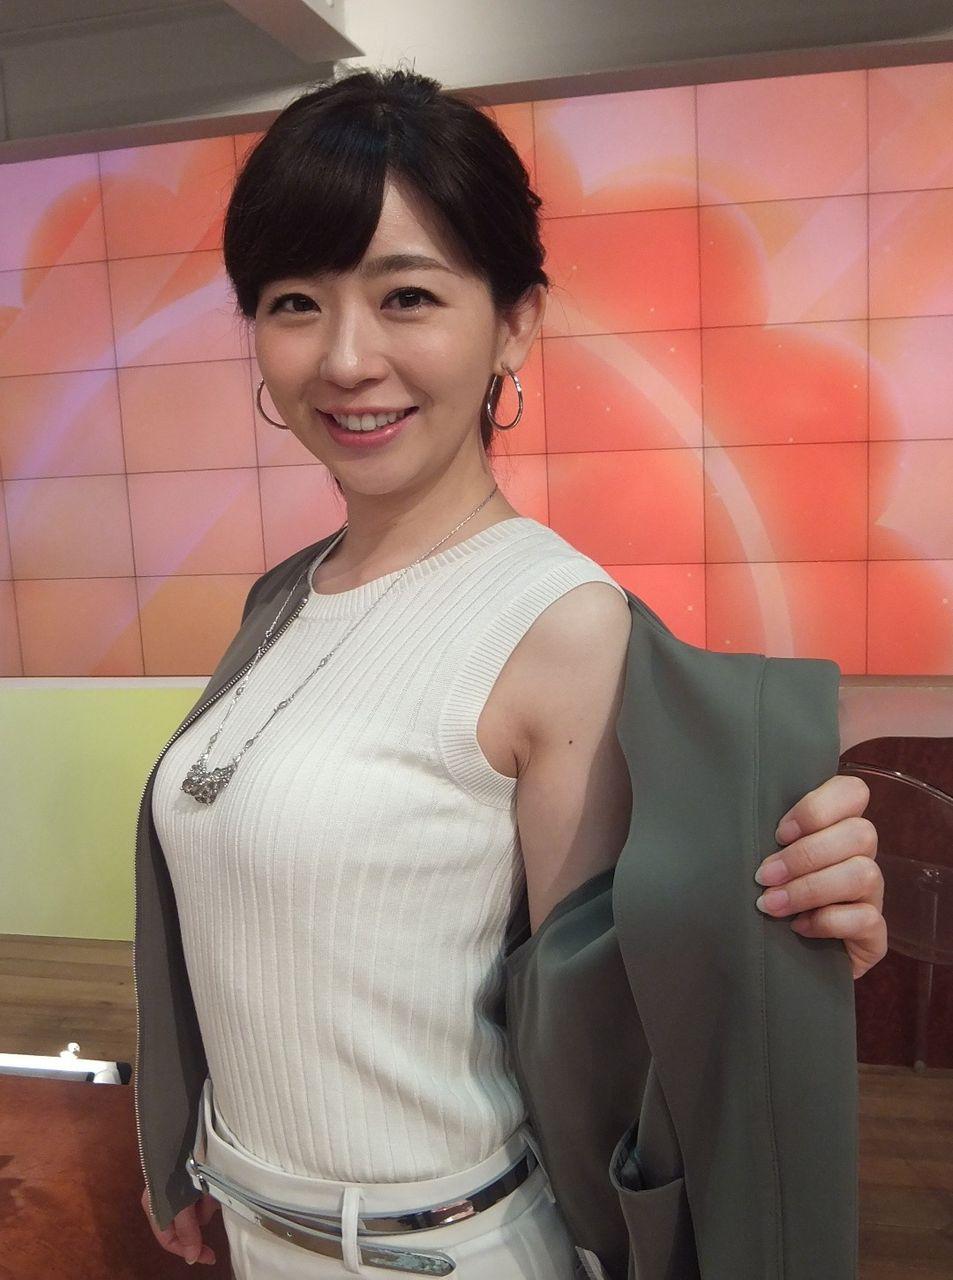 【エンタメ画像】松尾由美子アナとかいうワキ見せおばさん!!!!!!!!!!!!!!!!!!!!!!!!!!!!!!!!!!!!!!!!!!w【画像あり】